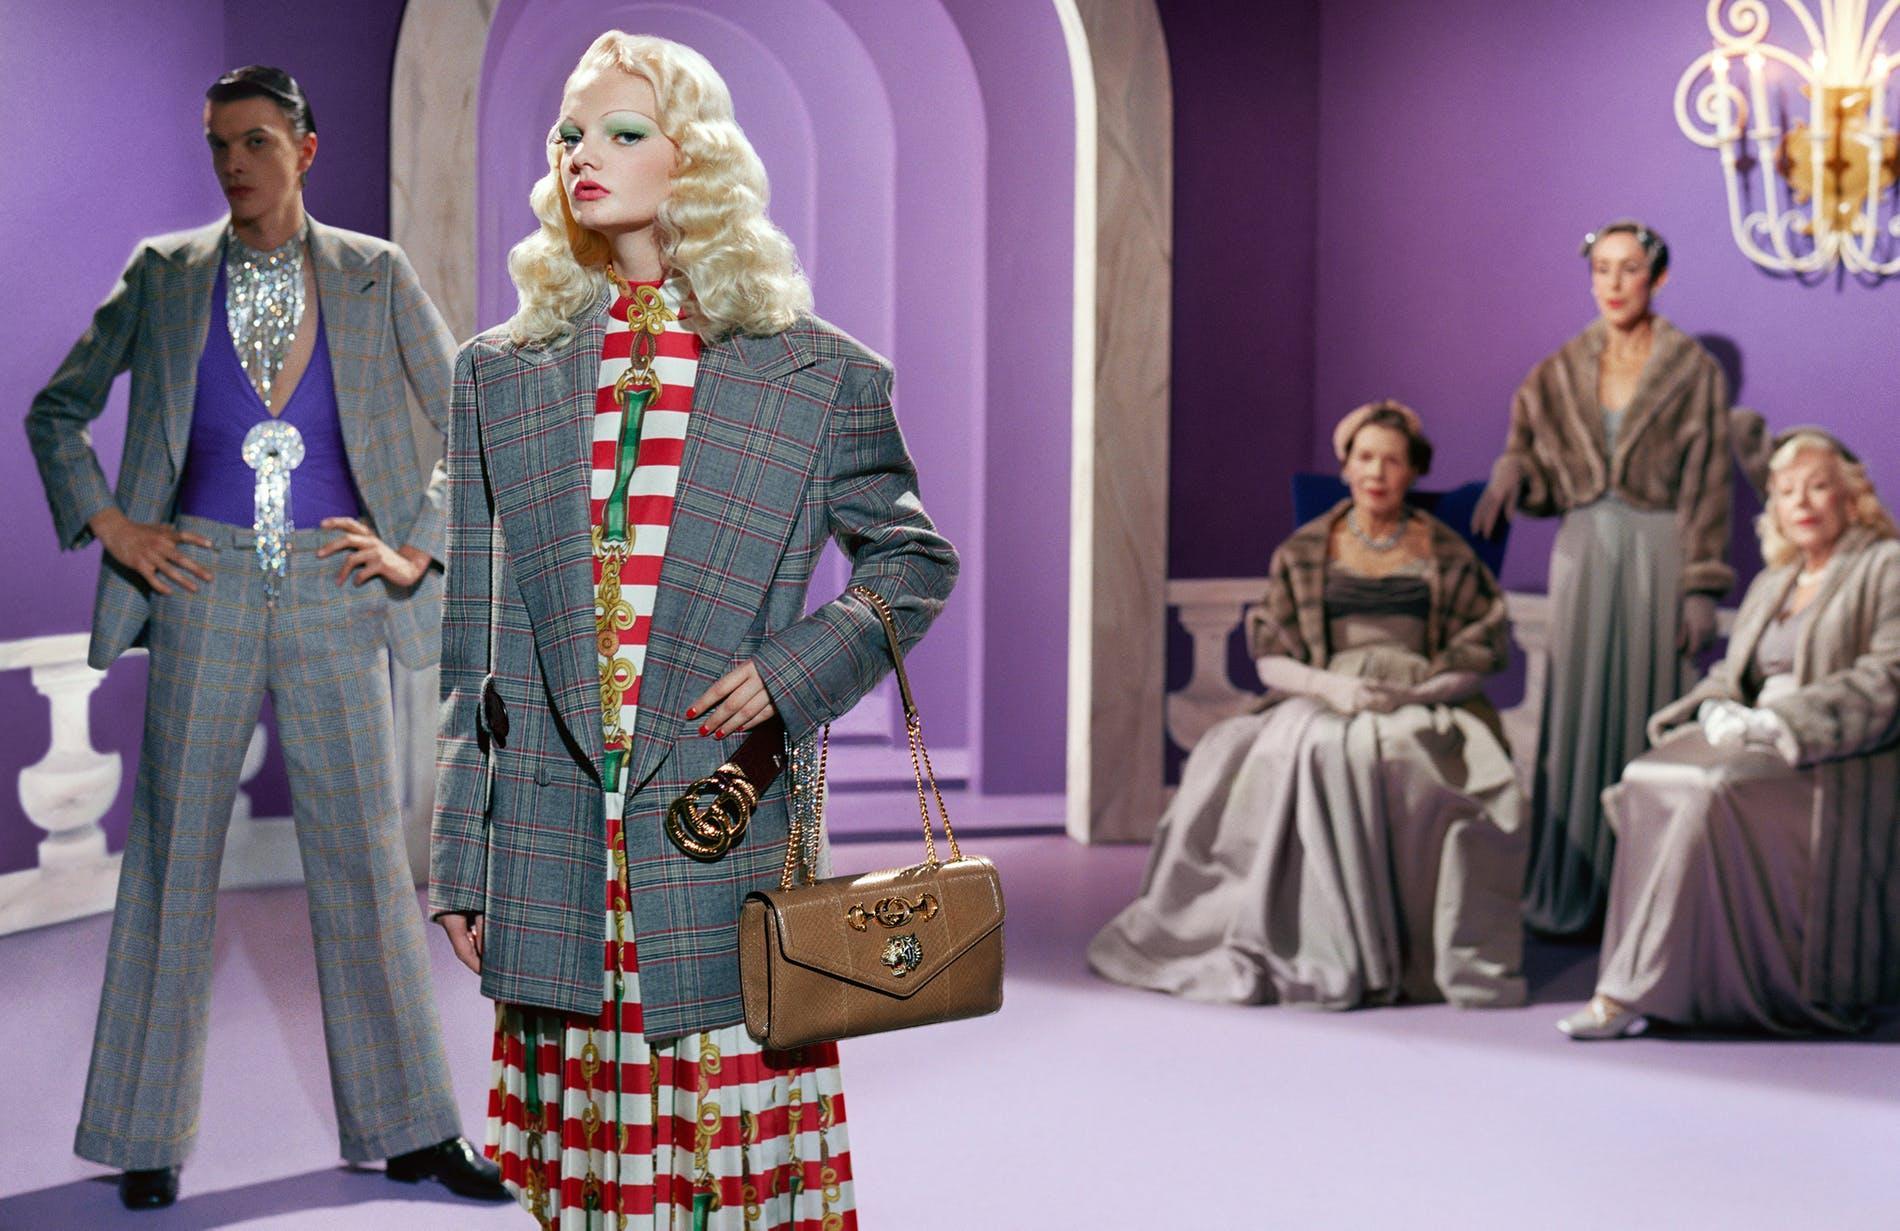 464ddf4c9f Selon le classement du site Lyst, Gucci est redevenue en 2019 la marque  préférée des consommateurs.